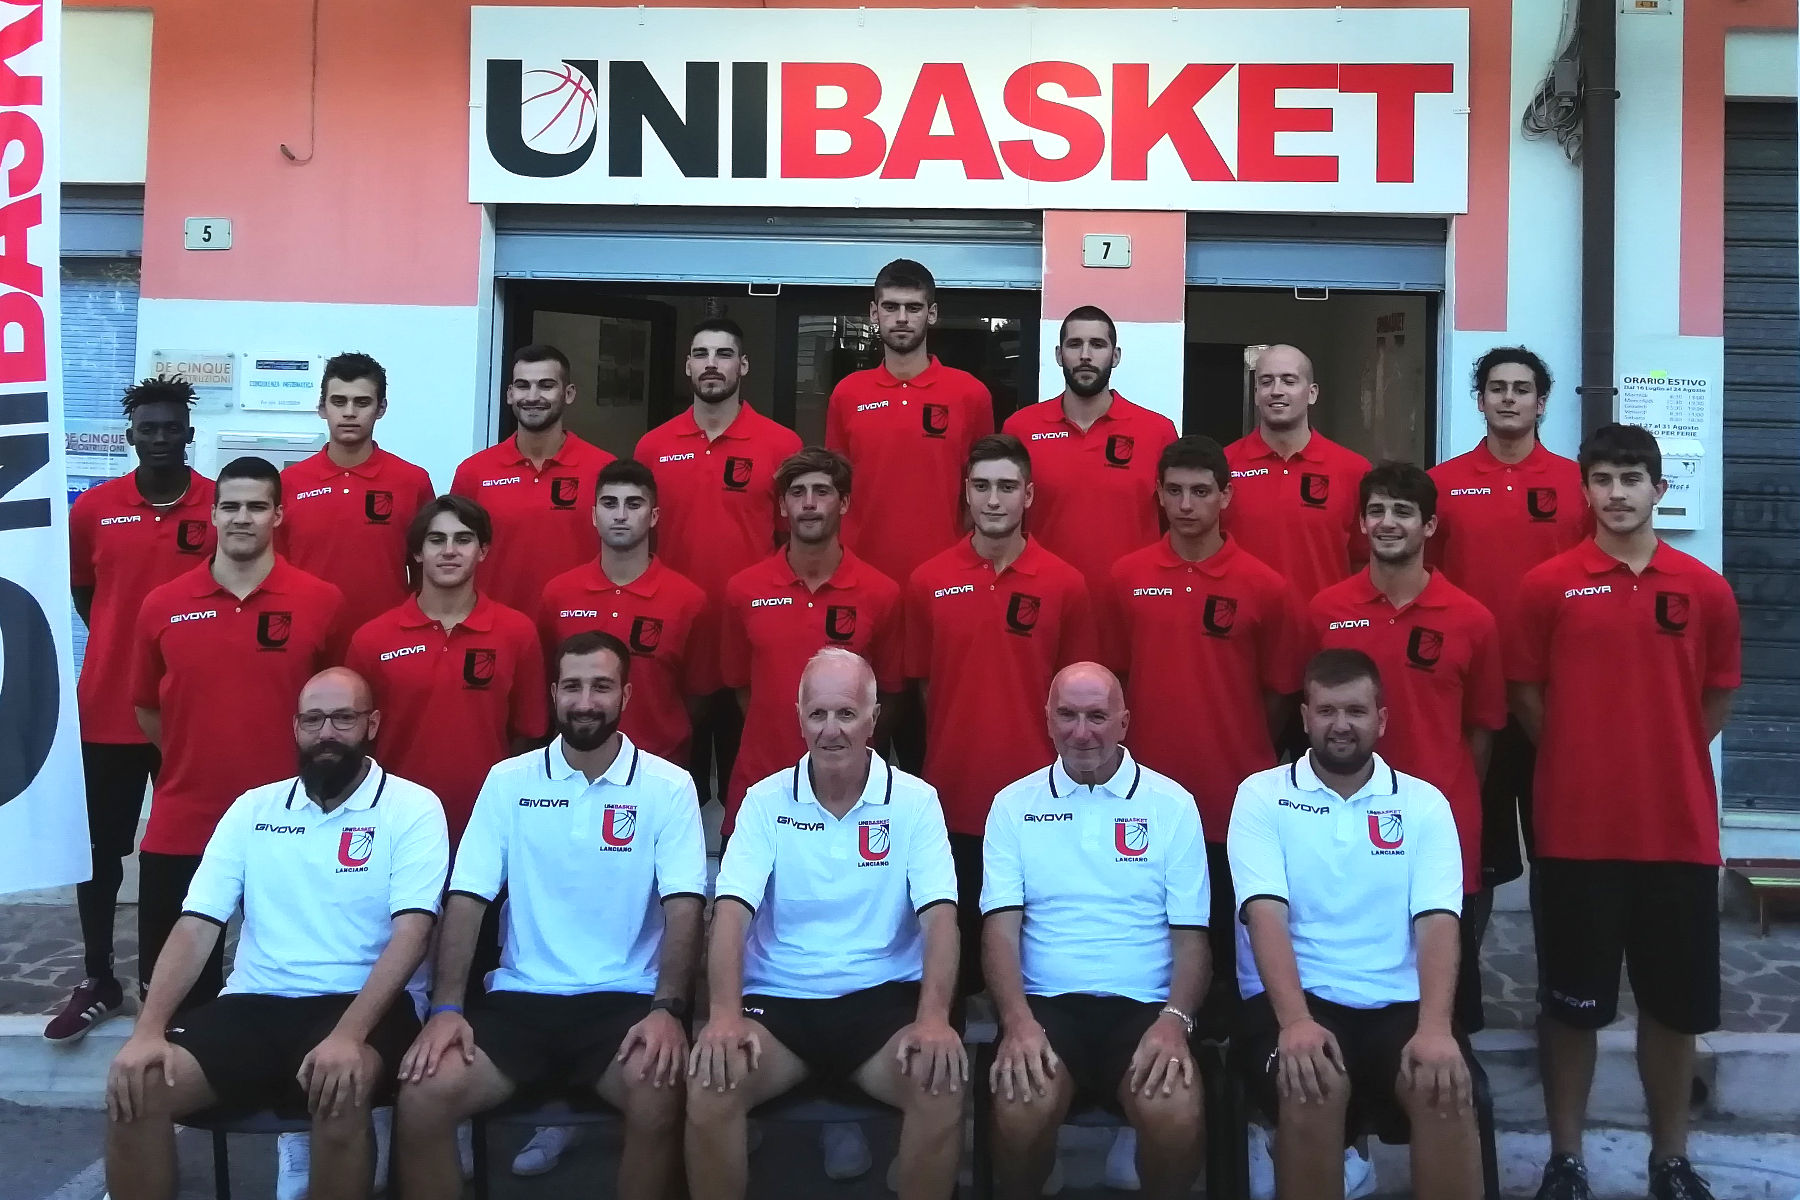 L'Unibasket Lanciano adotta i colori rossoneri: l'obiettivo è vincere in Serie C Gold